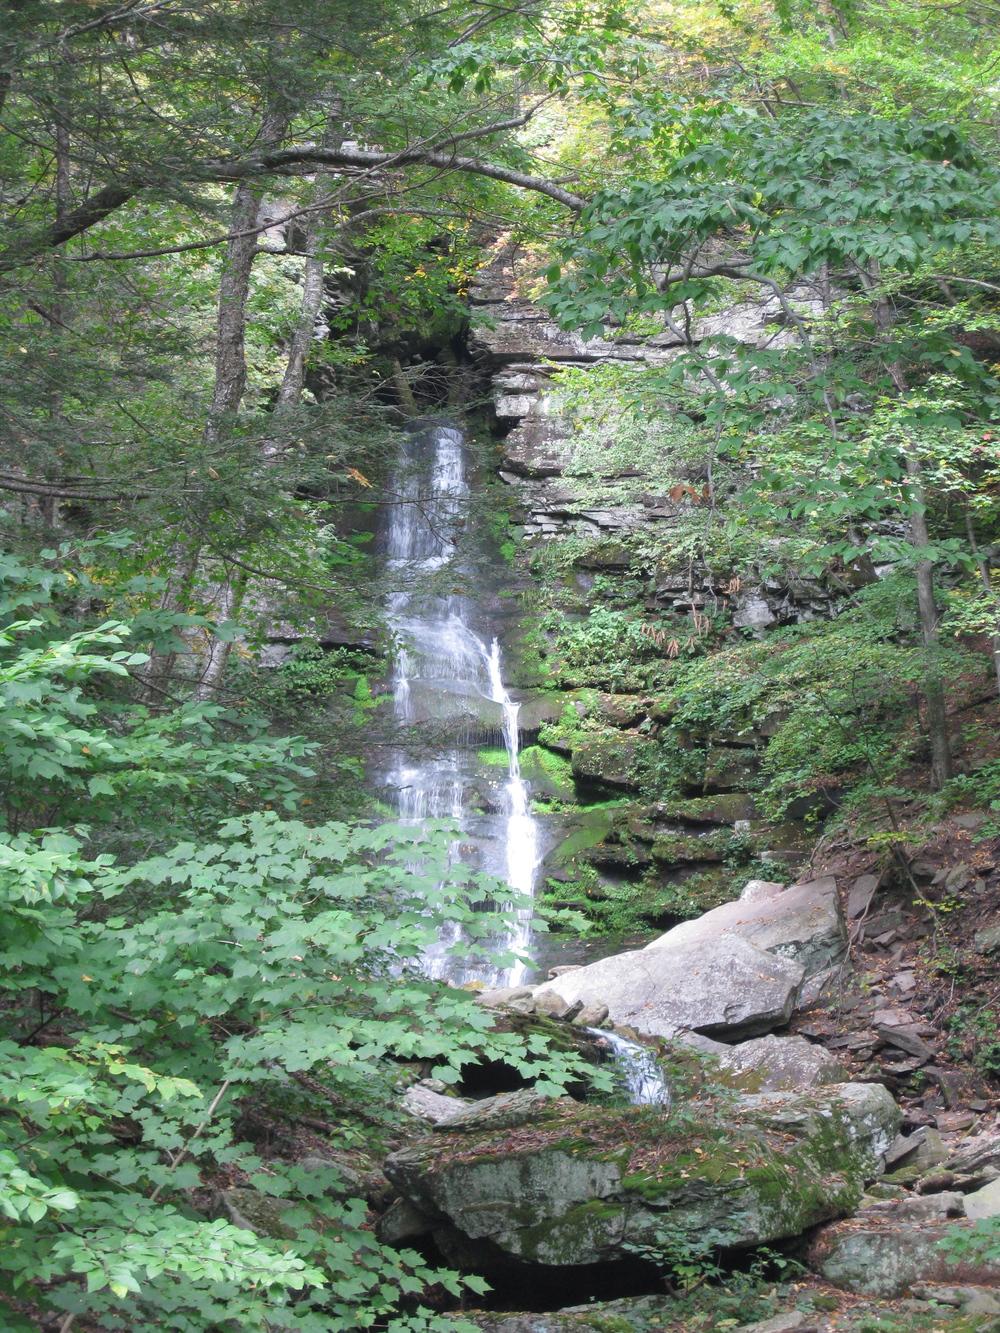 Buttermilk Falls, Peekamoose Rd.